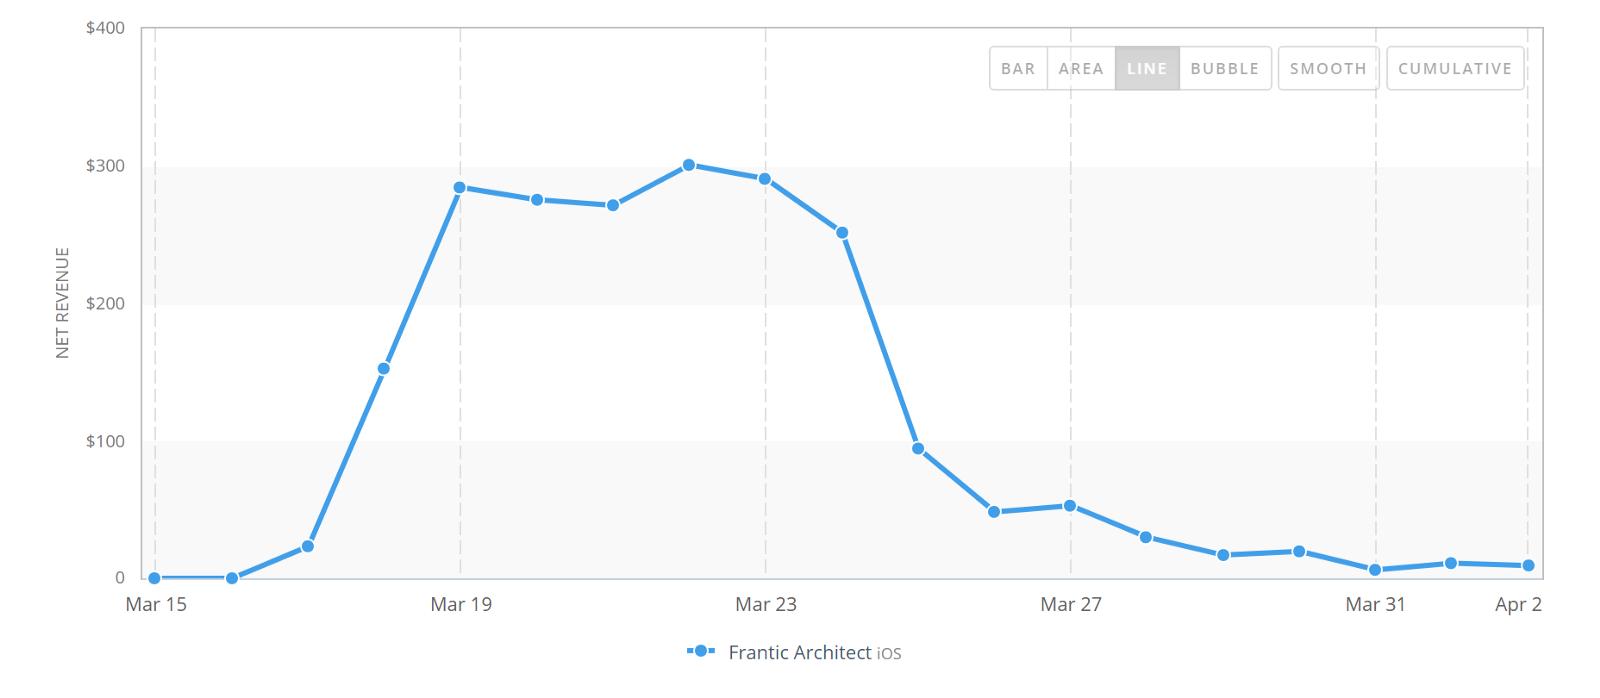 Как я получил 365K загрузок в App Store за две недели (и почему после этого ушёл из геймдева) - 4